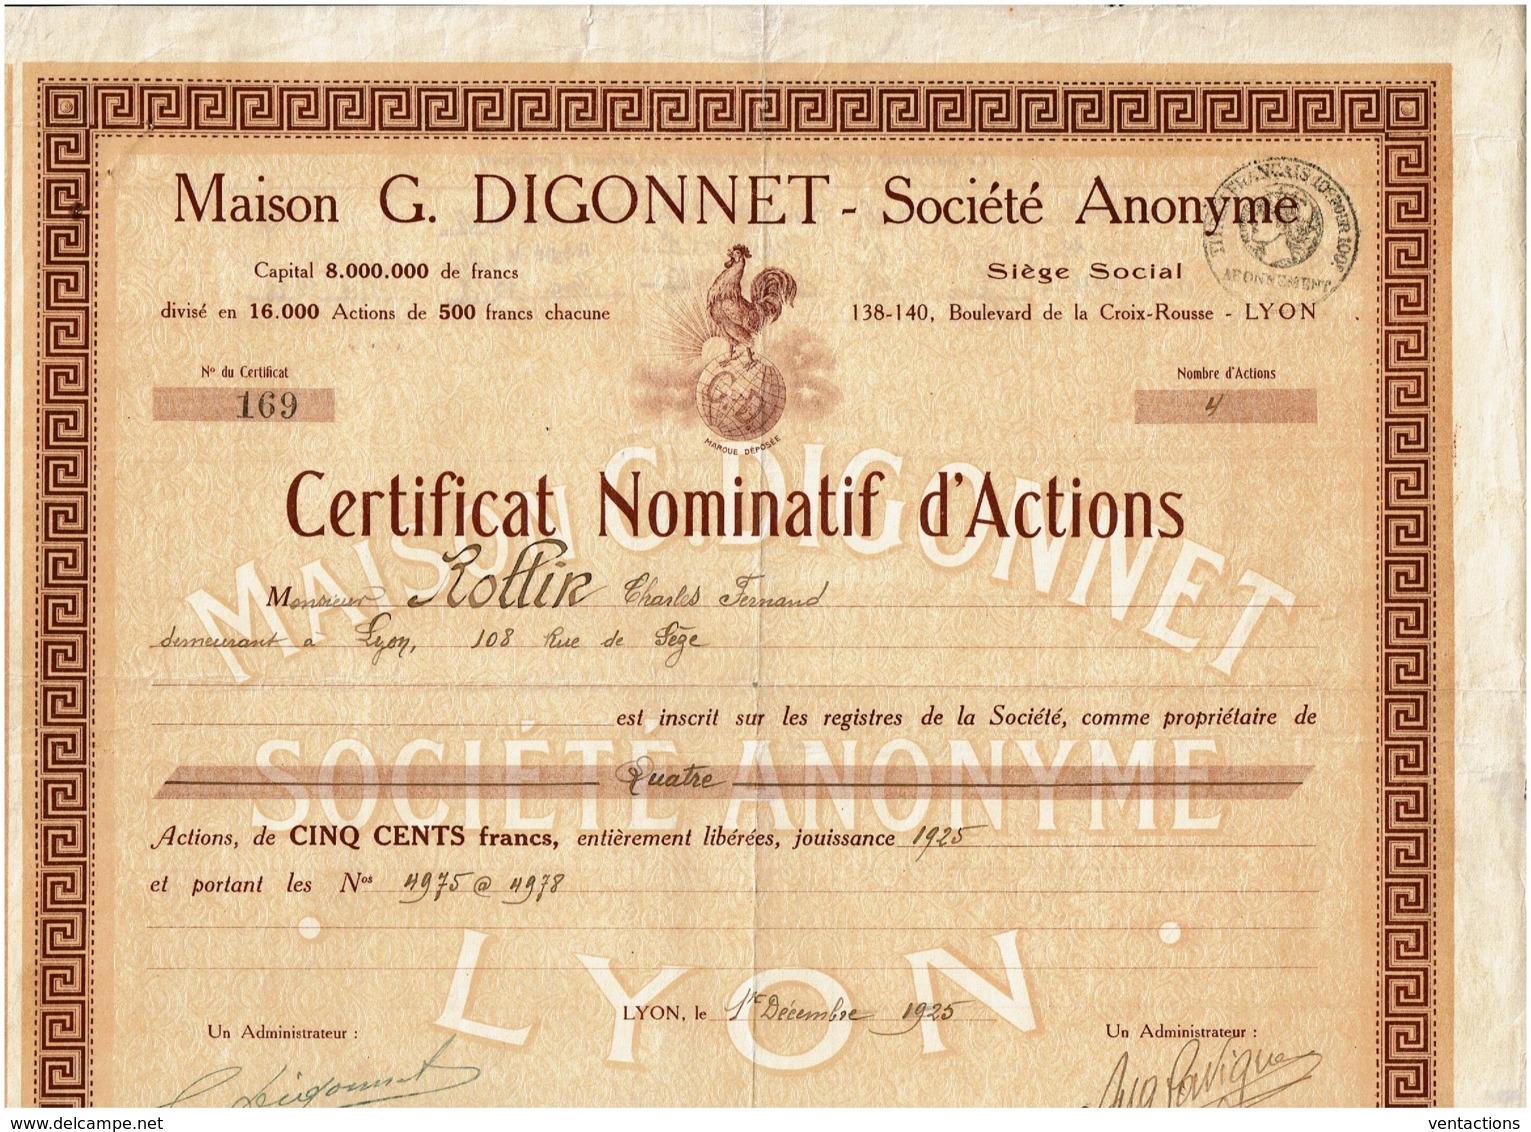 69-DIGONNET. Maison G. DIGONNET. LYON. DECO COQ Sur Mappemonde. CNA - Autres